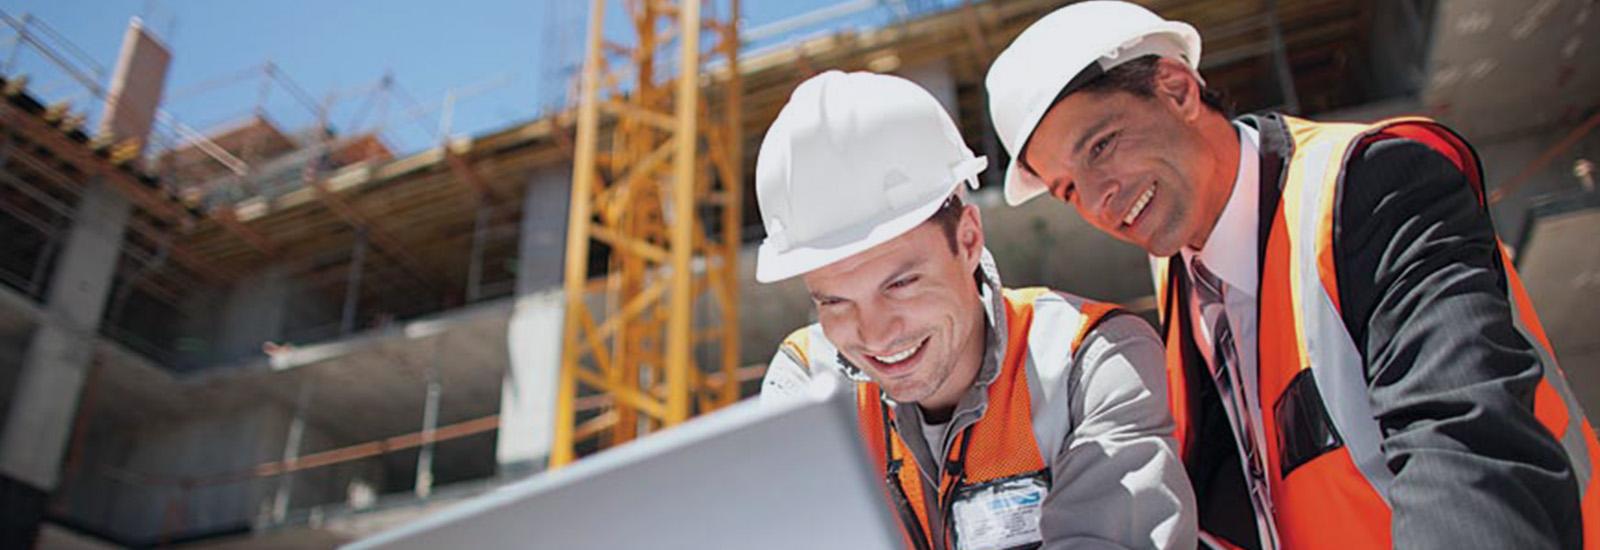 Texas Builders Risk Insurance Explained